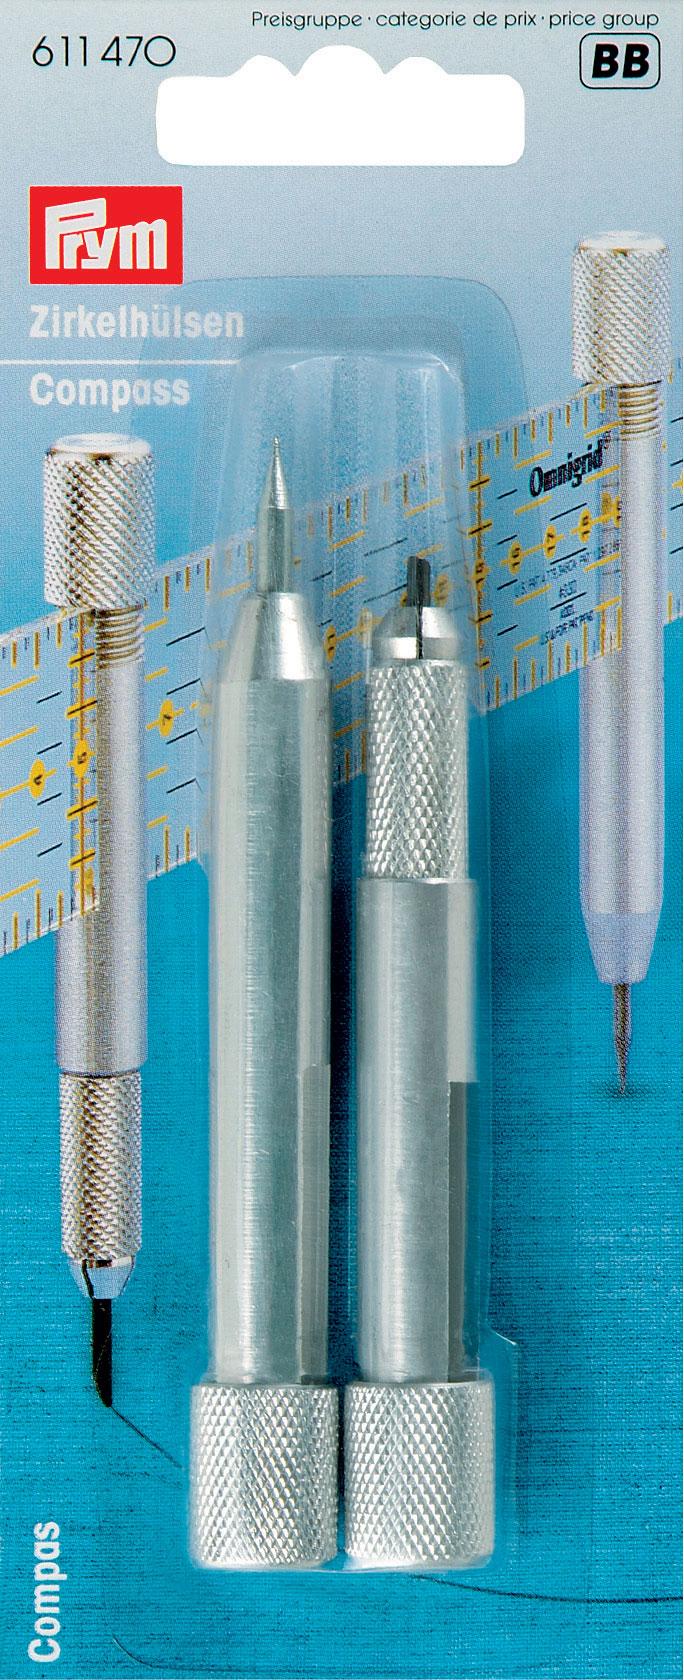 Втулки для циркуля Prym, на линейку, 2 шт611470Втулки для циркуля Prym изготовлены из металла. Удобны для вычерчивания кругов на ткани, бумаге. Оснащены специальными отверстиями для линейки шириной 3 см.